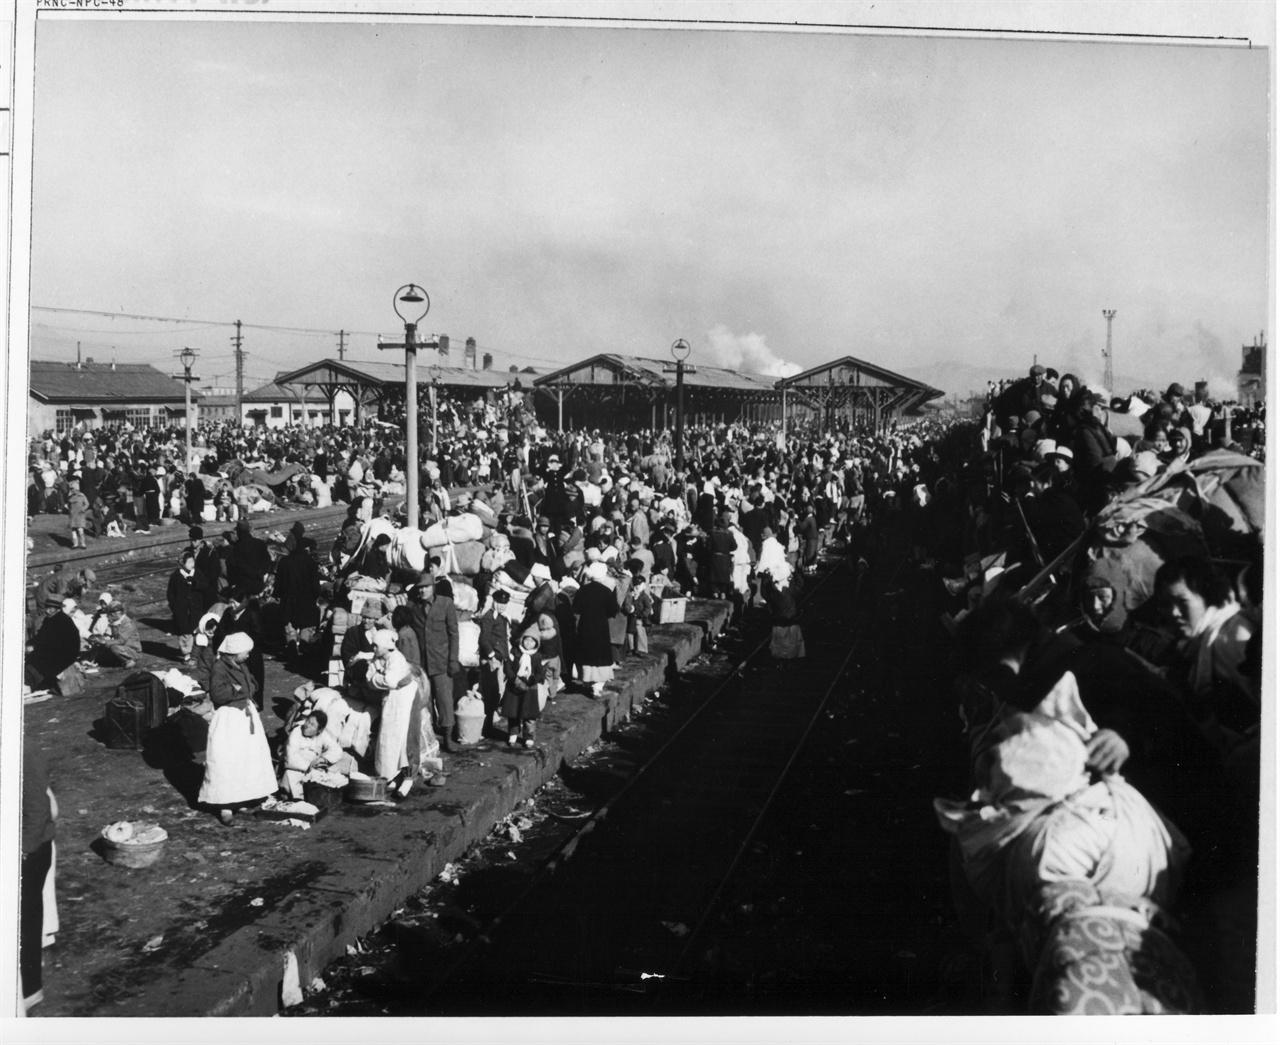 1951. 1. 3. 인천, 인천시민들이 플랫폼을 가득 메운 채 피란열차를 기다리고 있다. 선로 위 무개화차에도 피란민들로 가득 찼다.